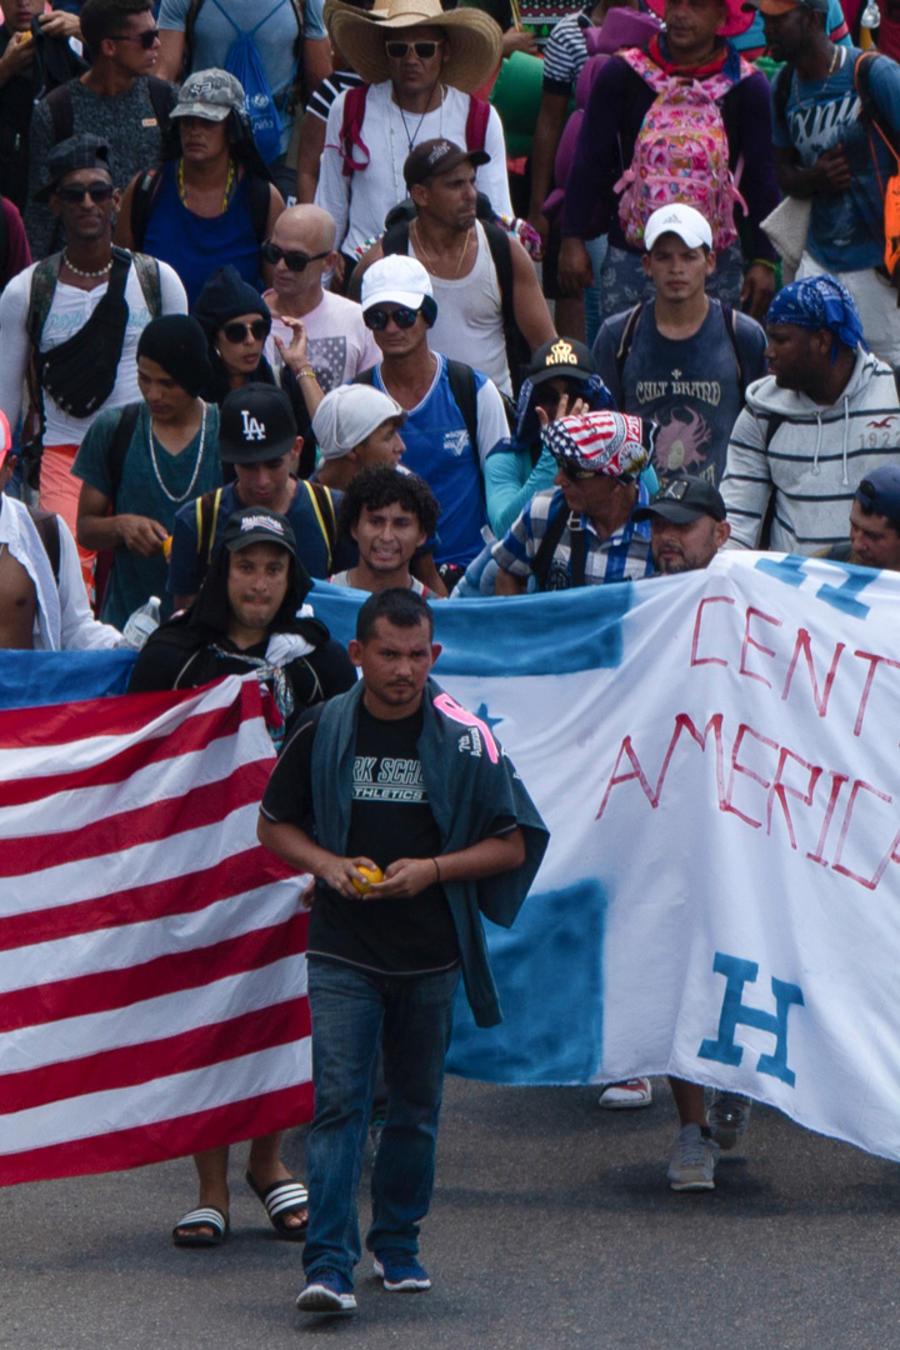 Caravana de centroamericanos caminan por Chiapas rumbo a la frontera con EEUU